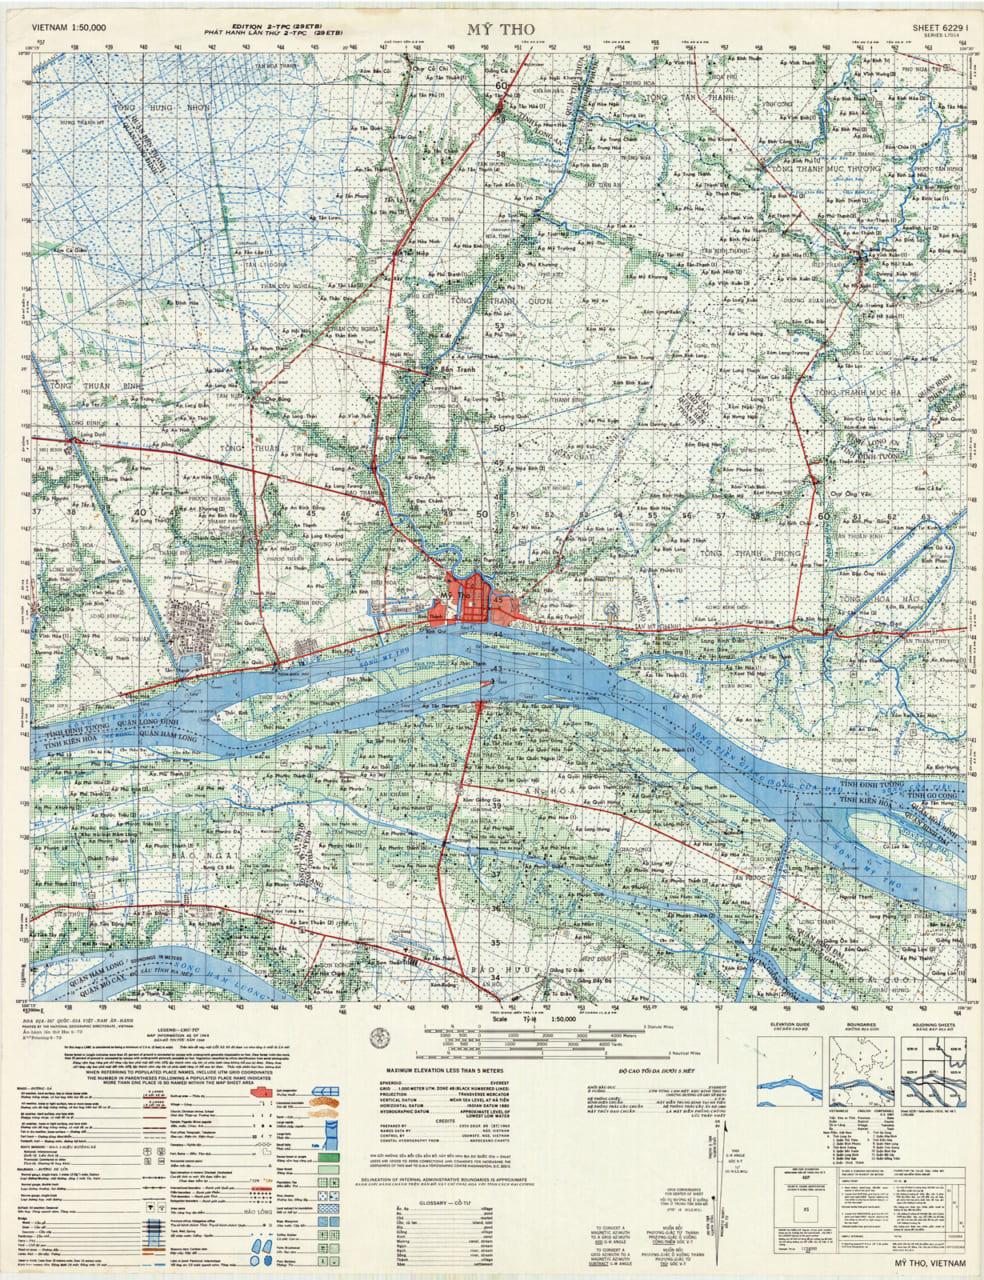 Bản đồ Mỹ Tho năm 1968